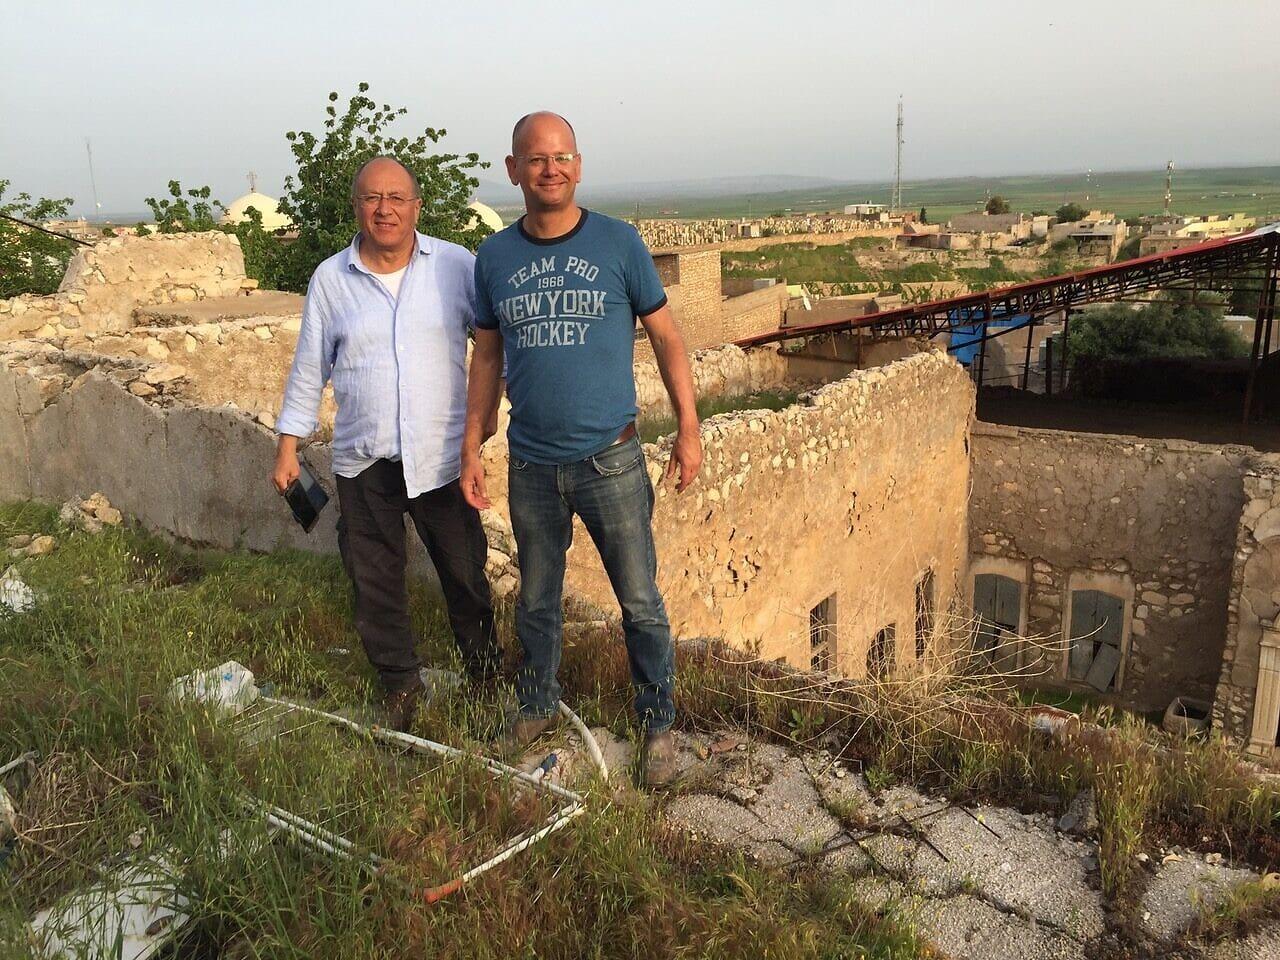 מאיר רונן (מימין) ויעקב שפר במתחם קבר נחום (צילום: באדיבות יעקב שפר)